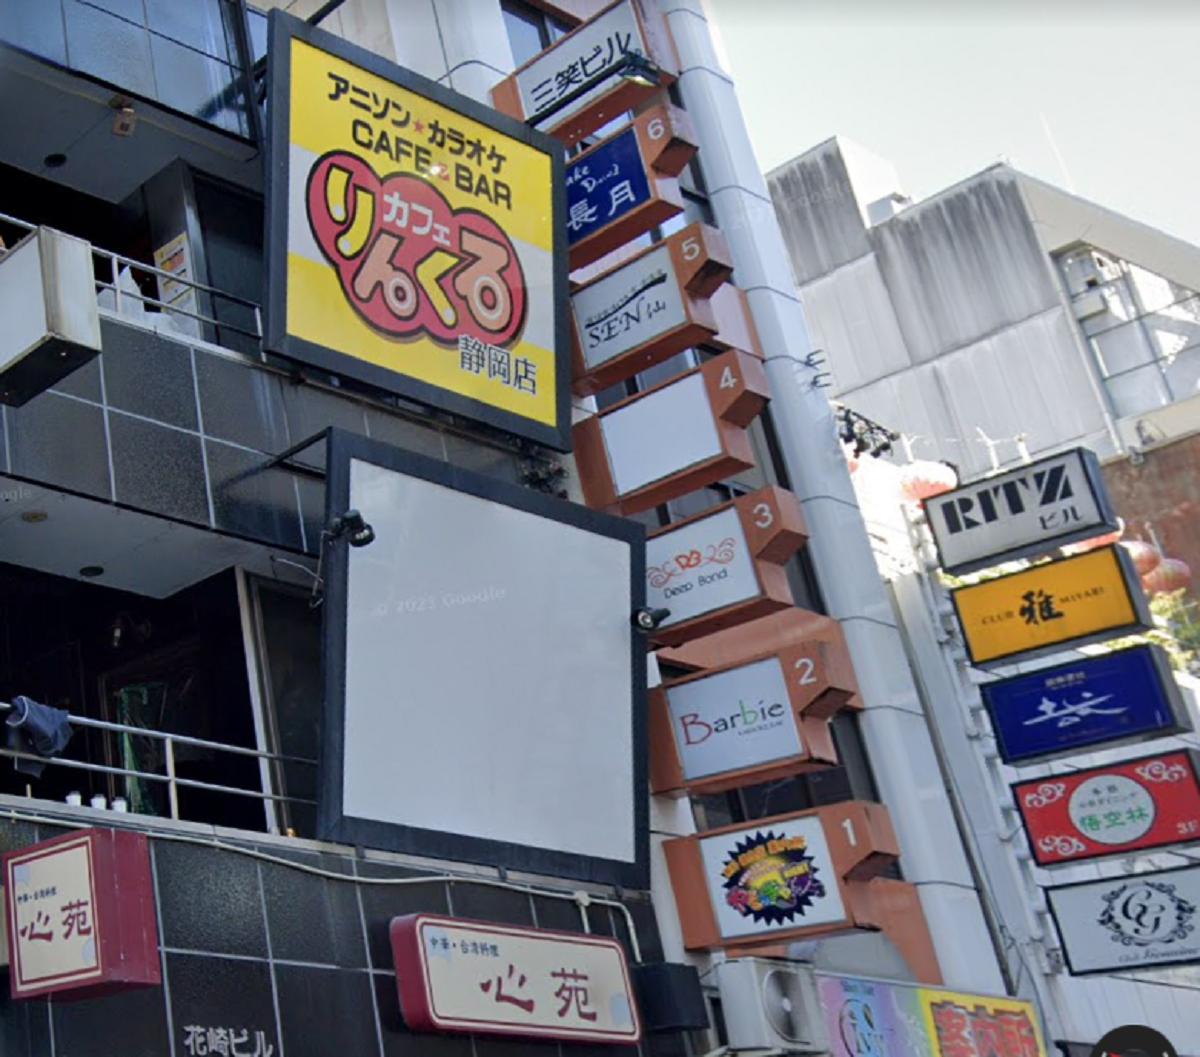 静岡のアニソンカフェクラスターはどこ?変異株と判明「りんくるカフェ静岡店」